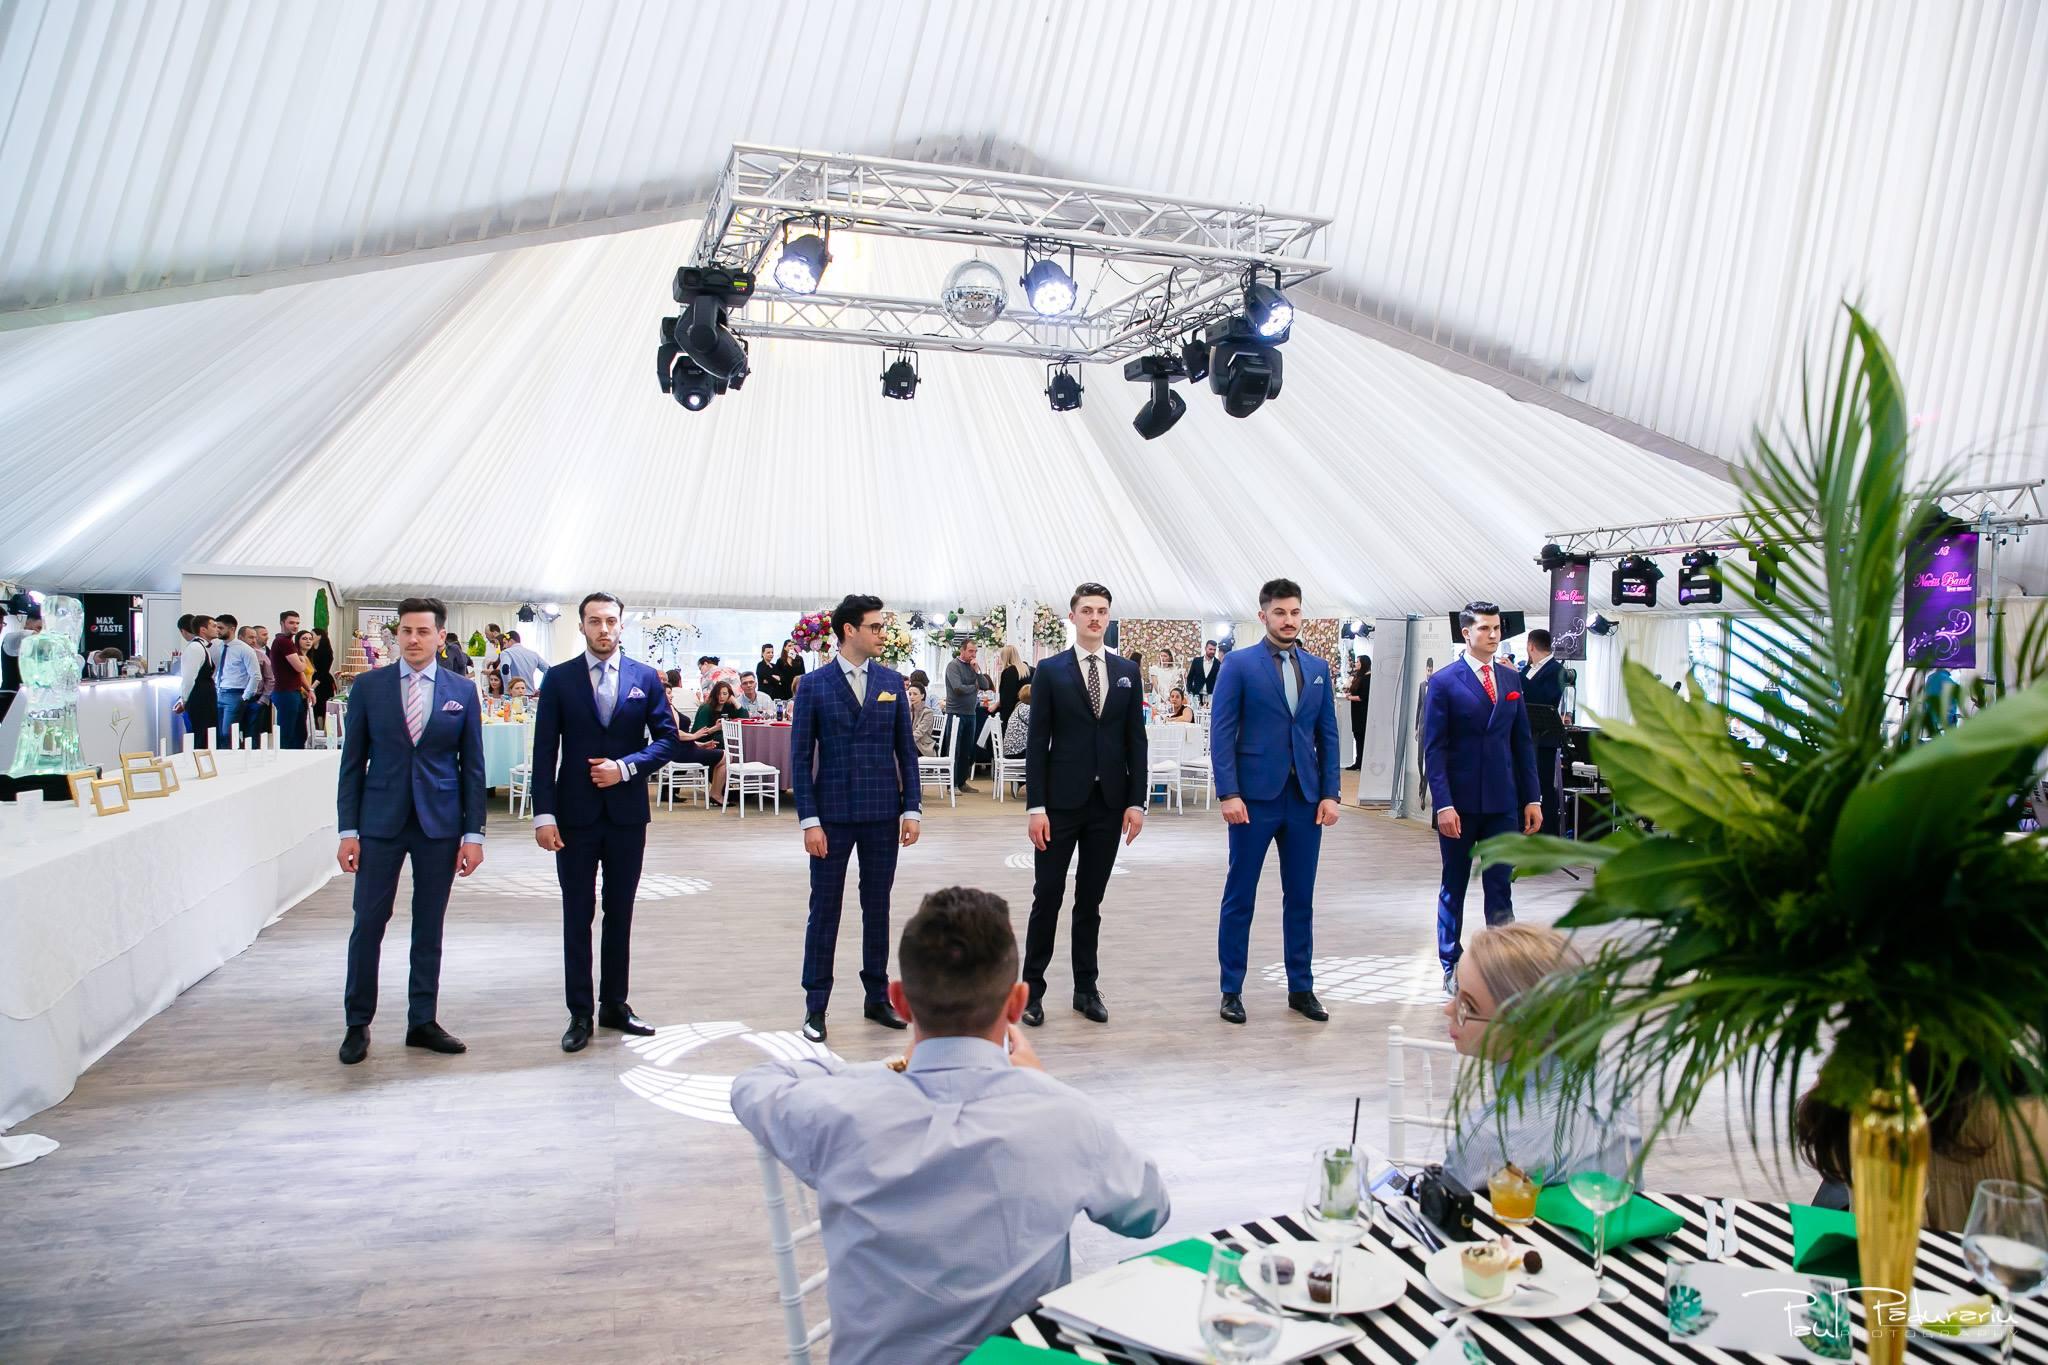 Prezentare costum mire elegant Seroussi Iasi Ceremony Summer 2018 la Elysium Events fotograf profesionist Paul Padurariu 1